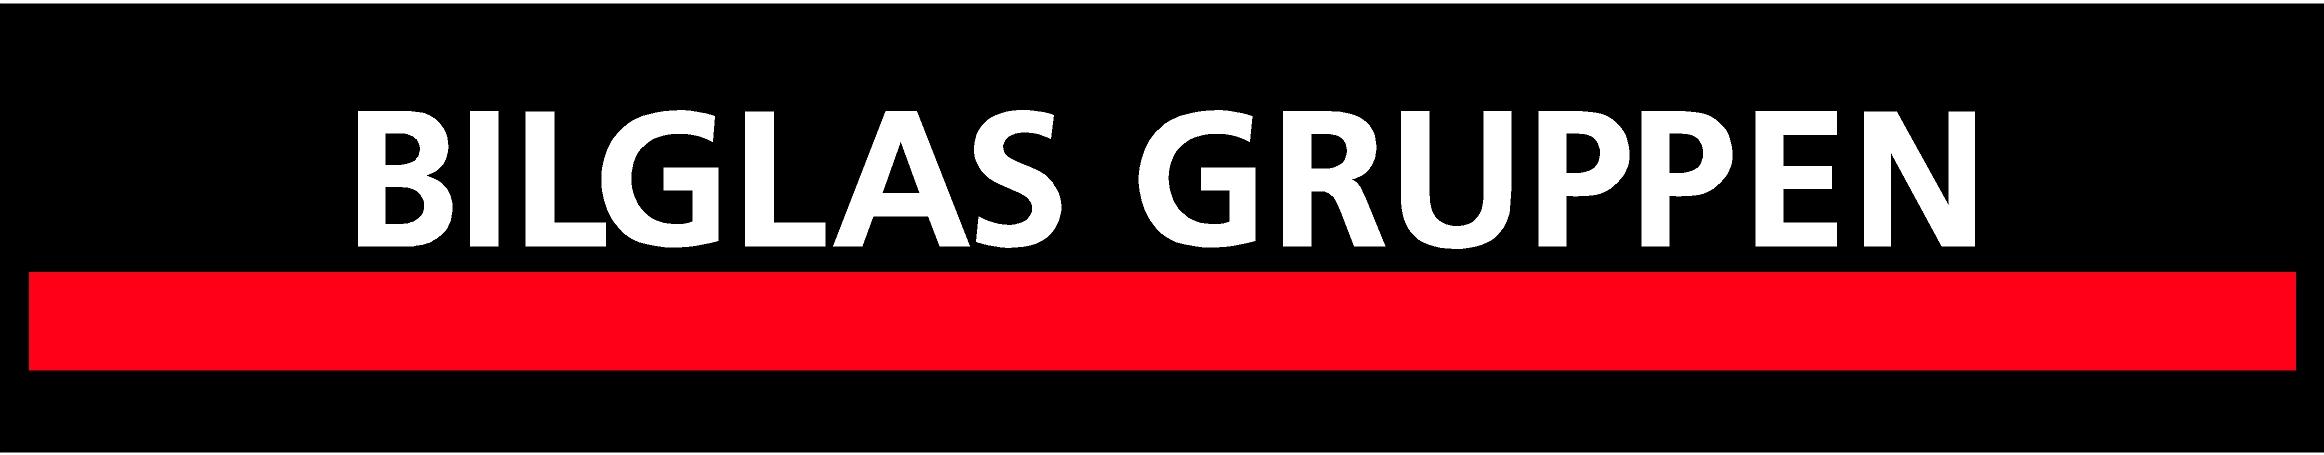 Bilglasgruppen.dk - Herning logo